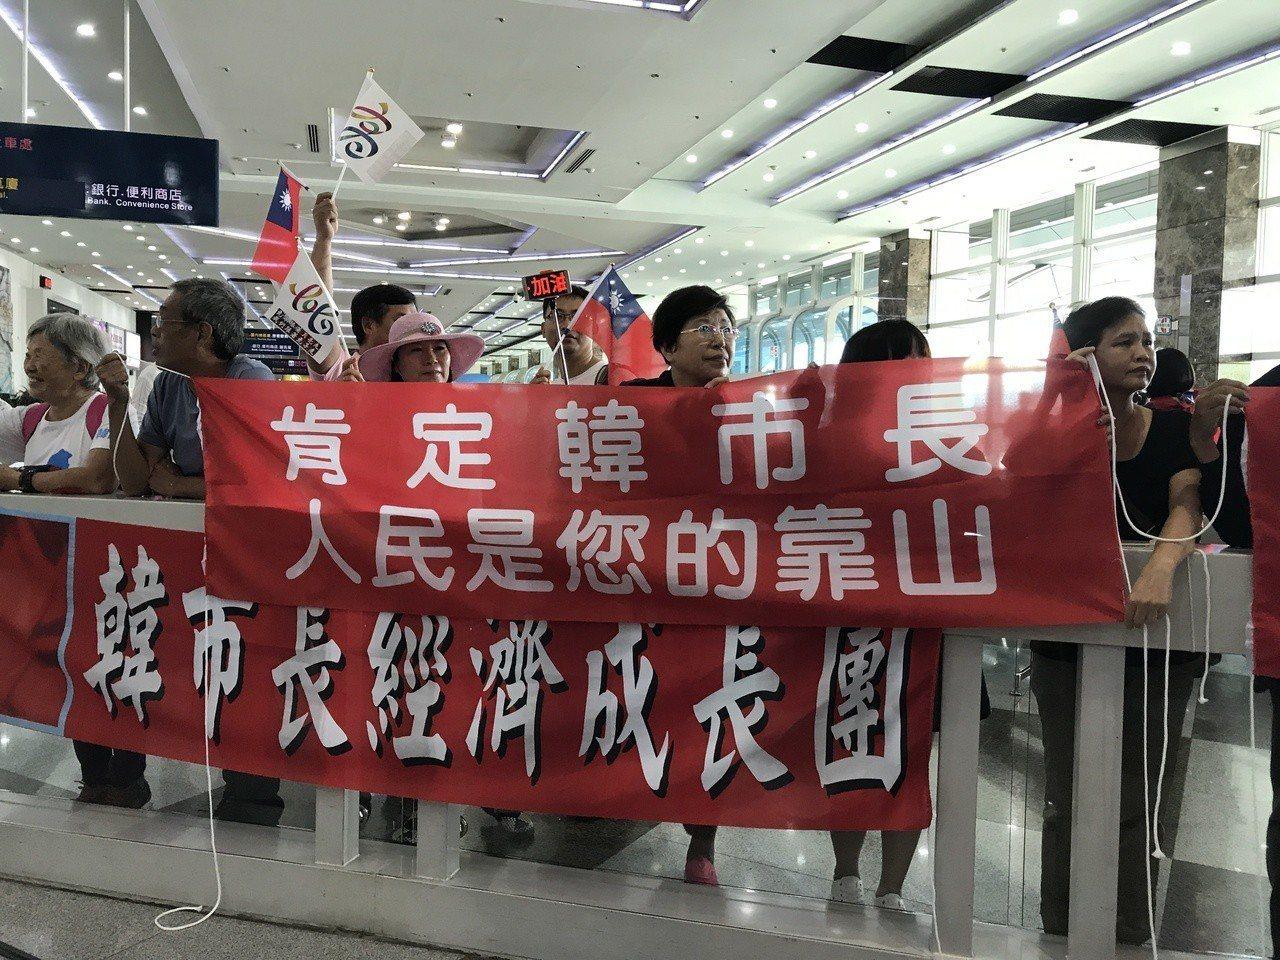 民眾舉支持布條。記者劉星君/攝影